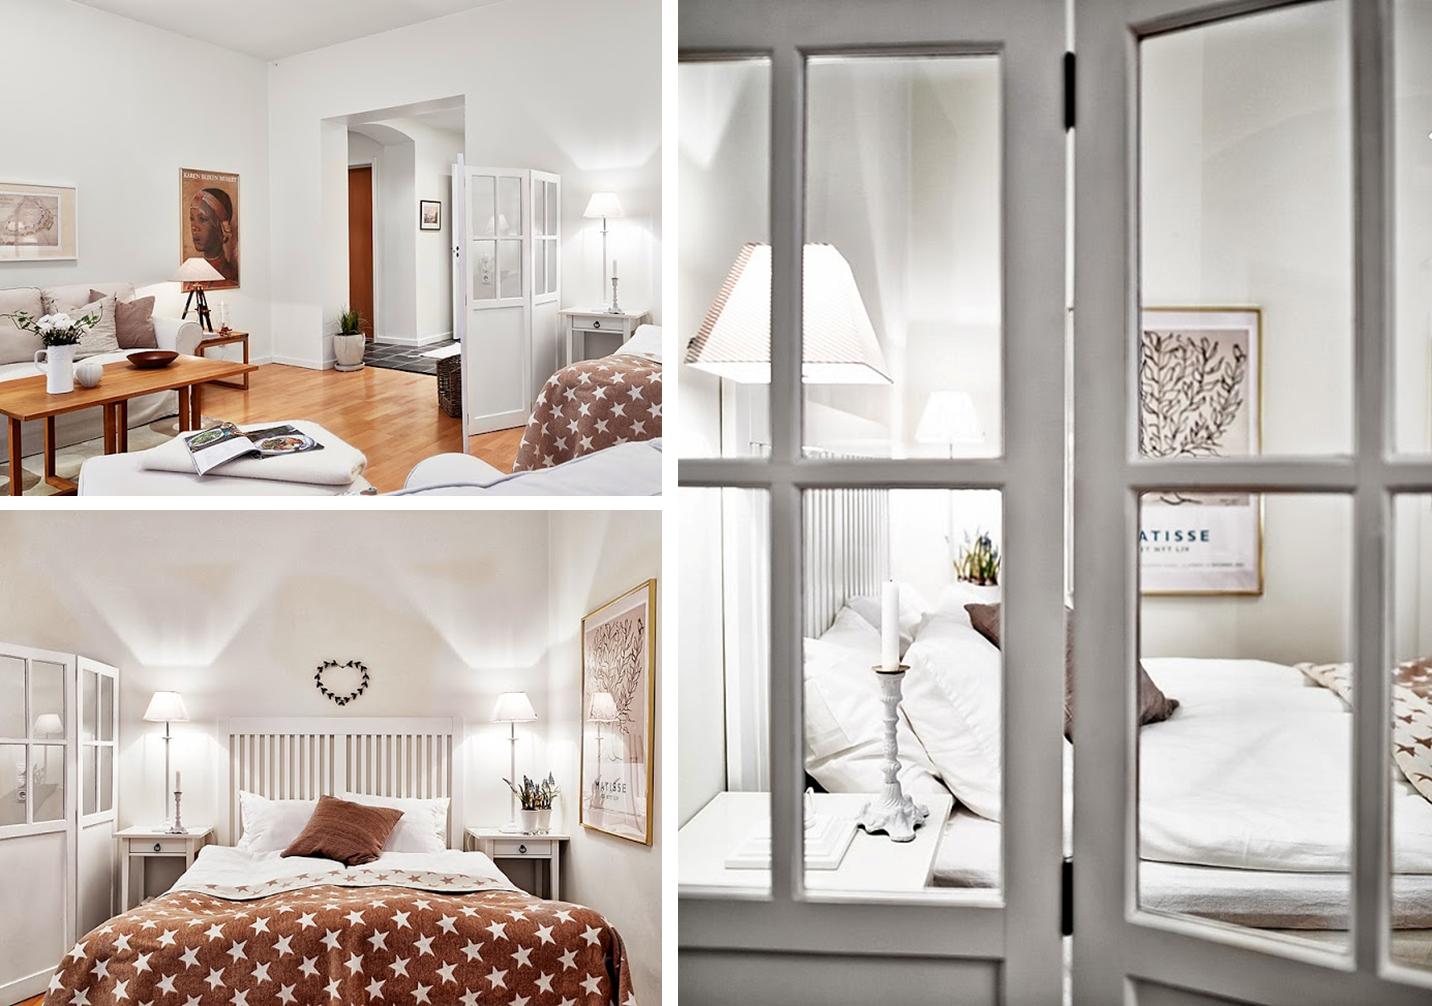 Decoraci n f cil small low cost apartamentos peque os - Cortinas dormitorio ikea ...